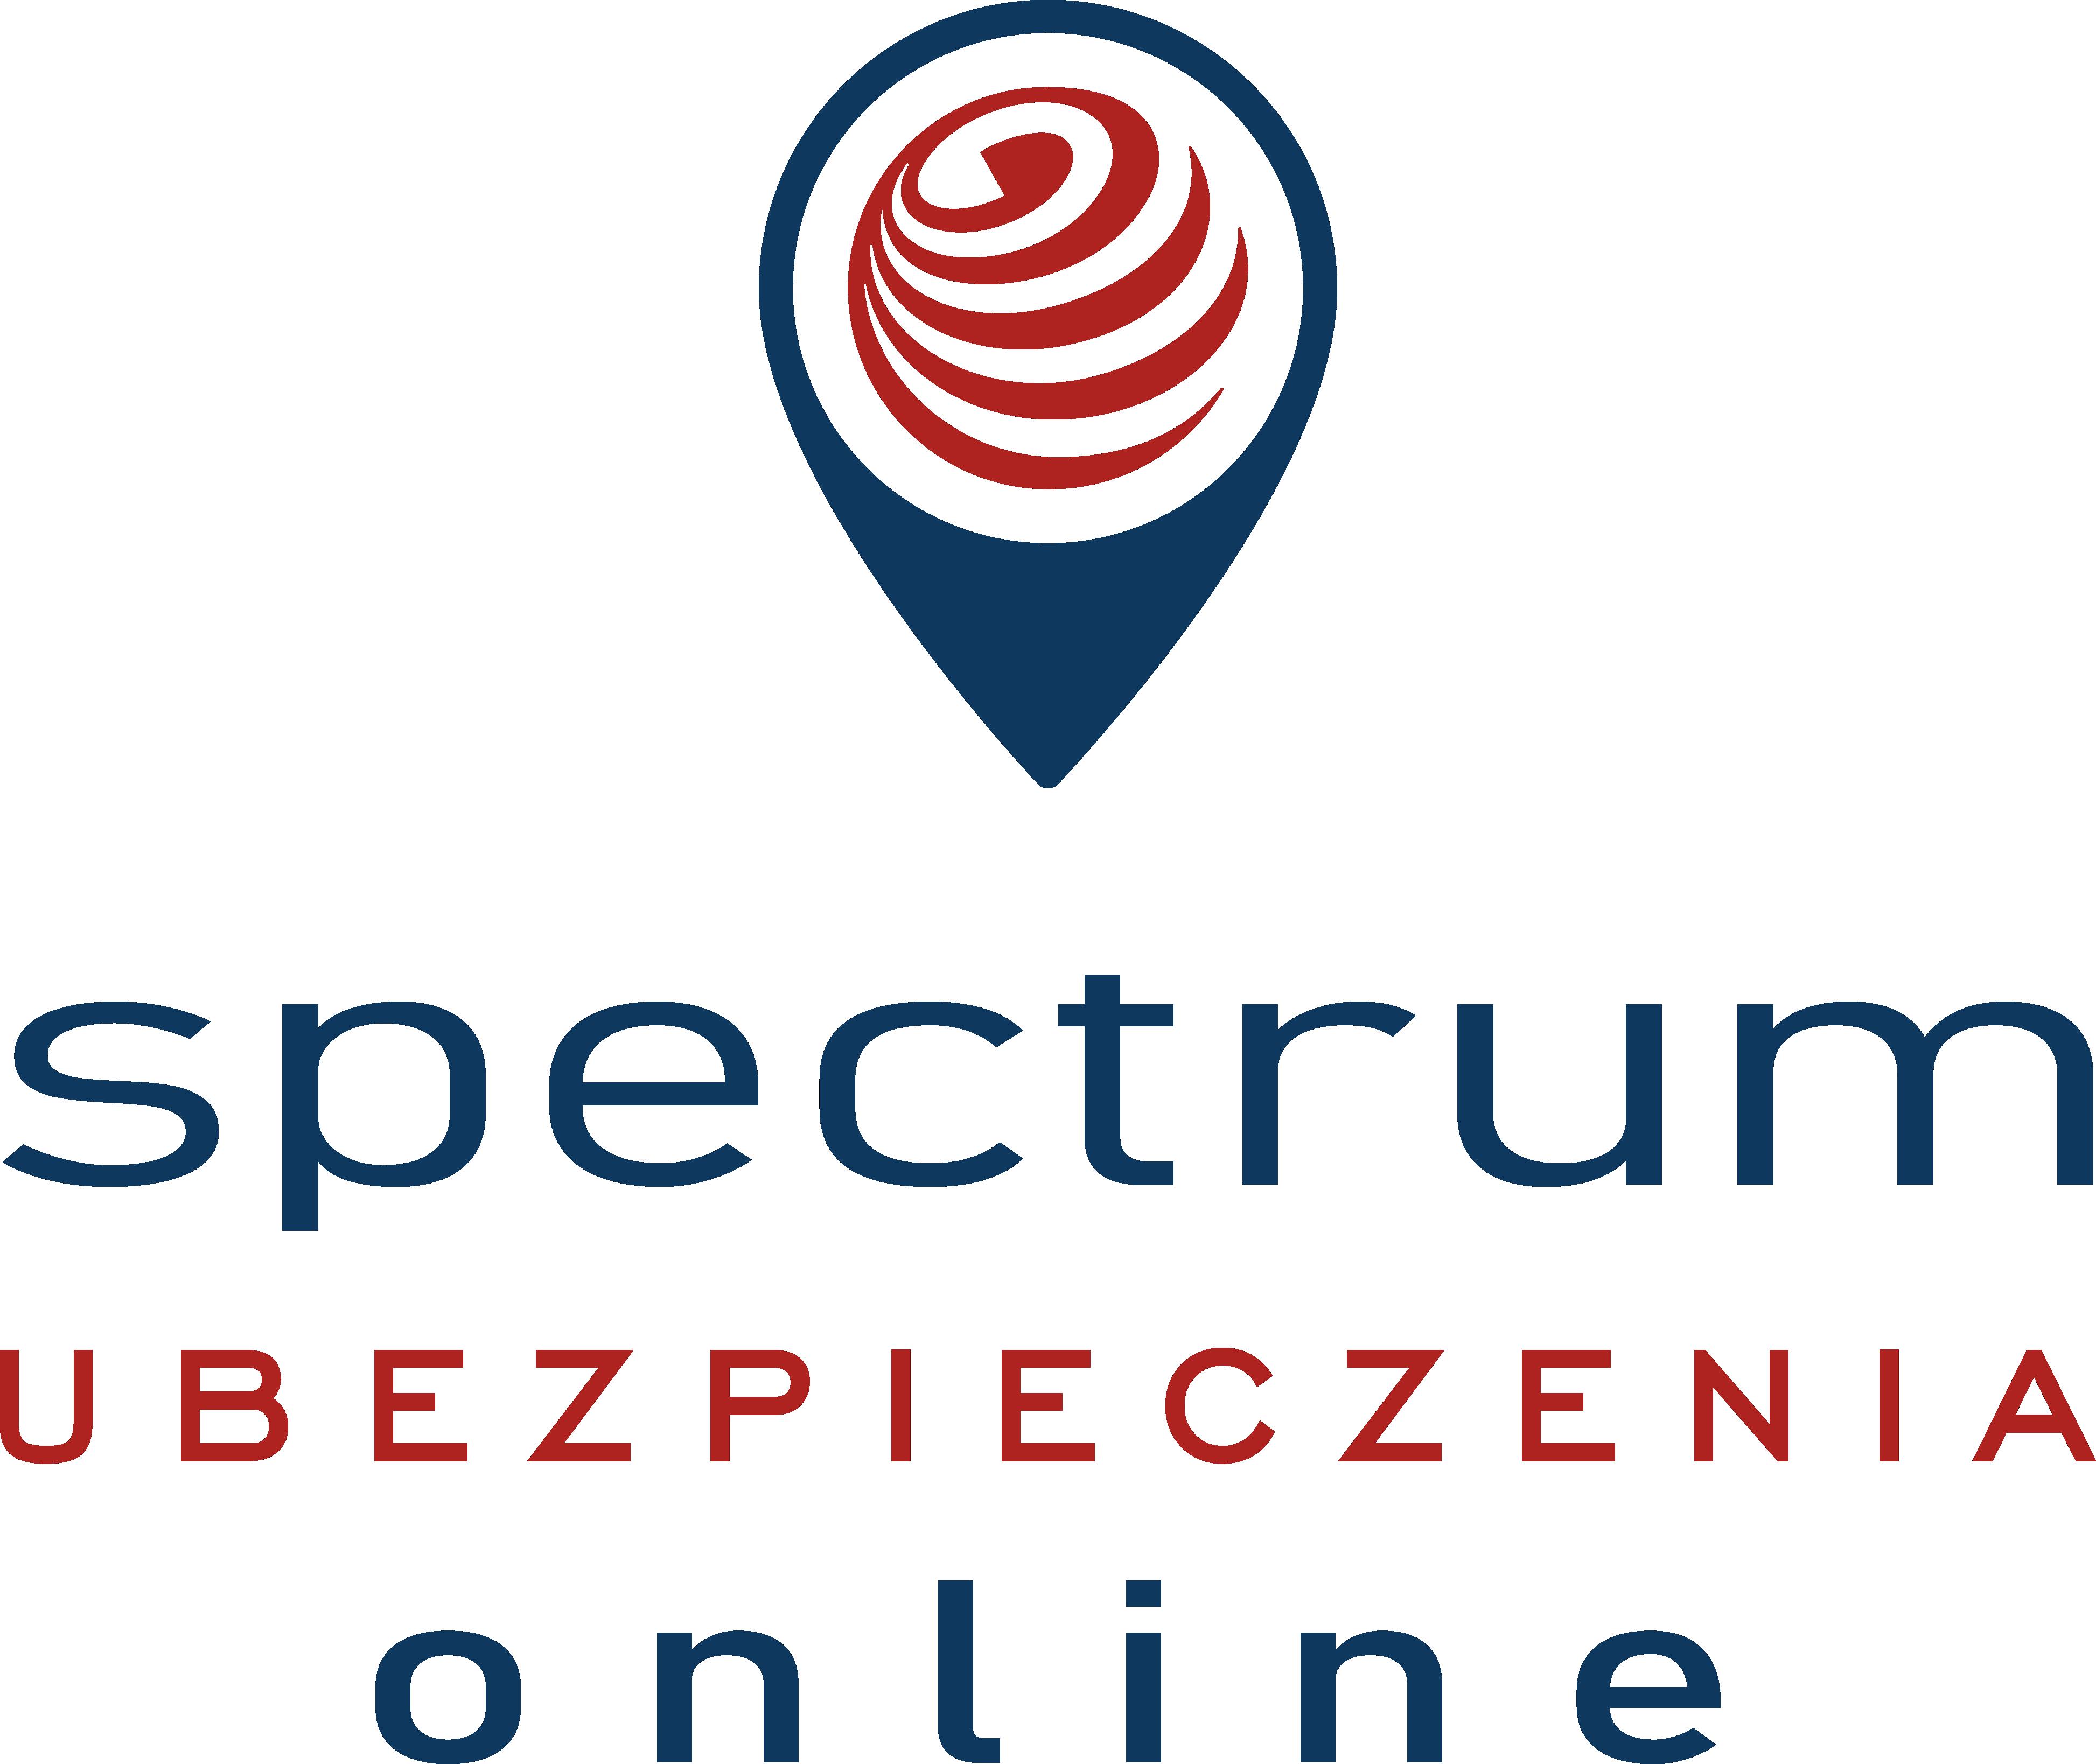 SPECTRUM ubezpieczenia - Biuro Zdalne,  SPECTRUM ubezpieczenia online